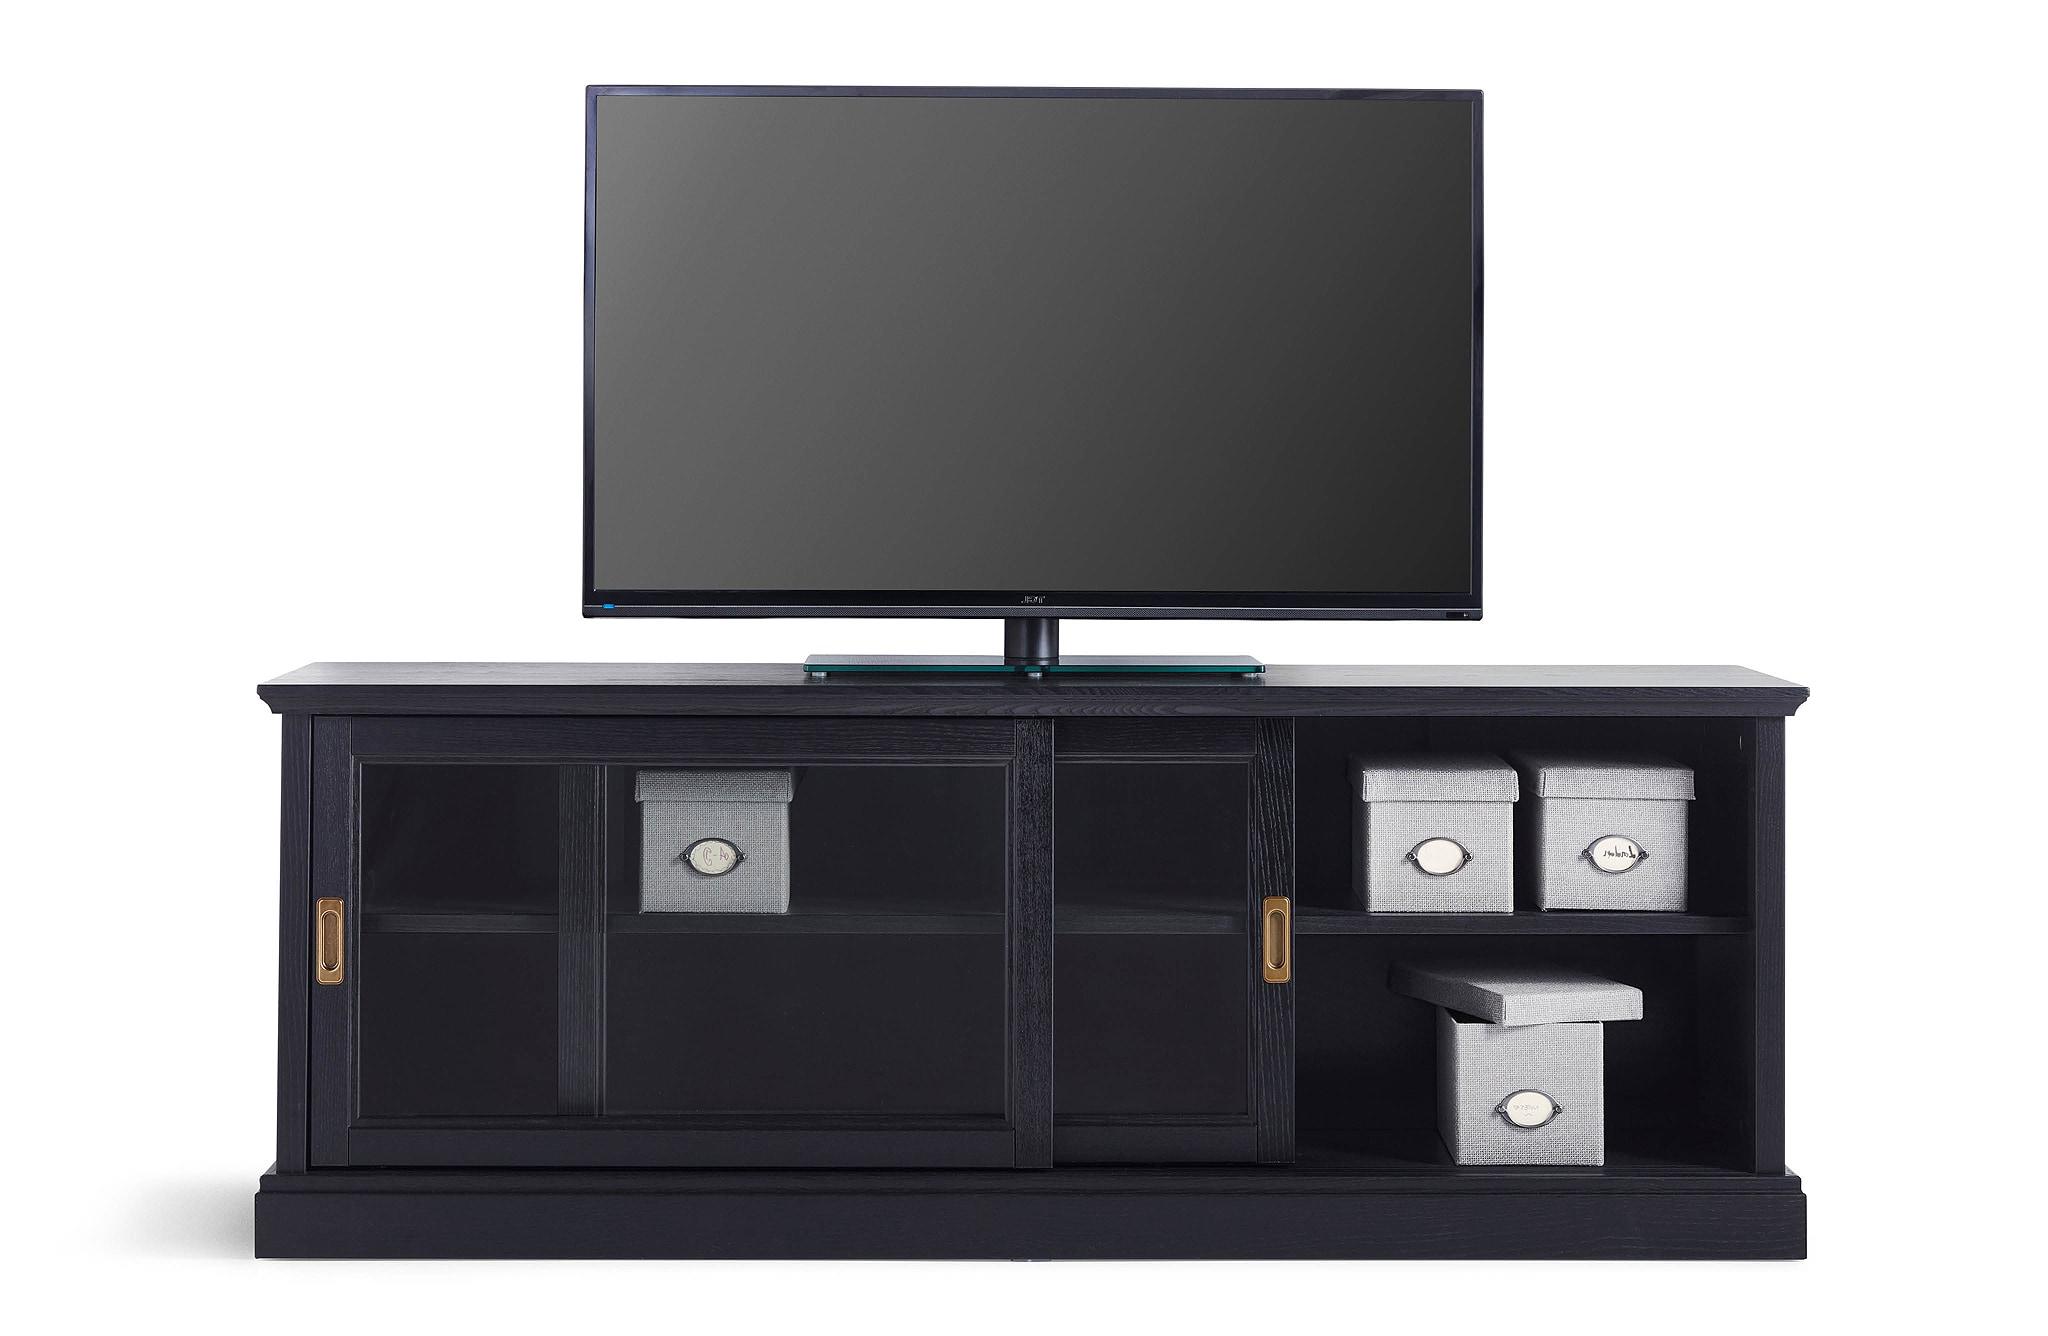 Muebles De Tv Ikea 9ddf Muebles De Tv Y Muebles Para El Salà N Pra Online Ikea